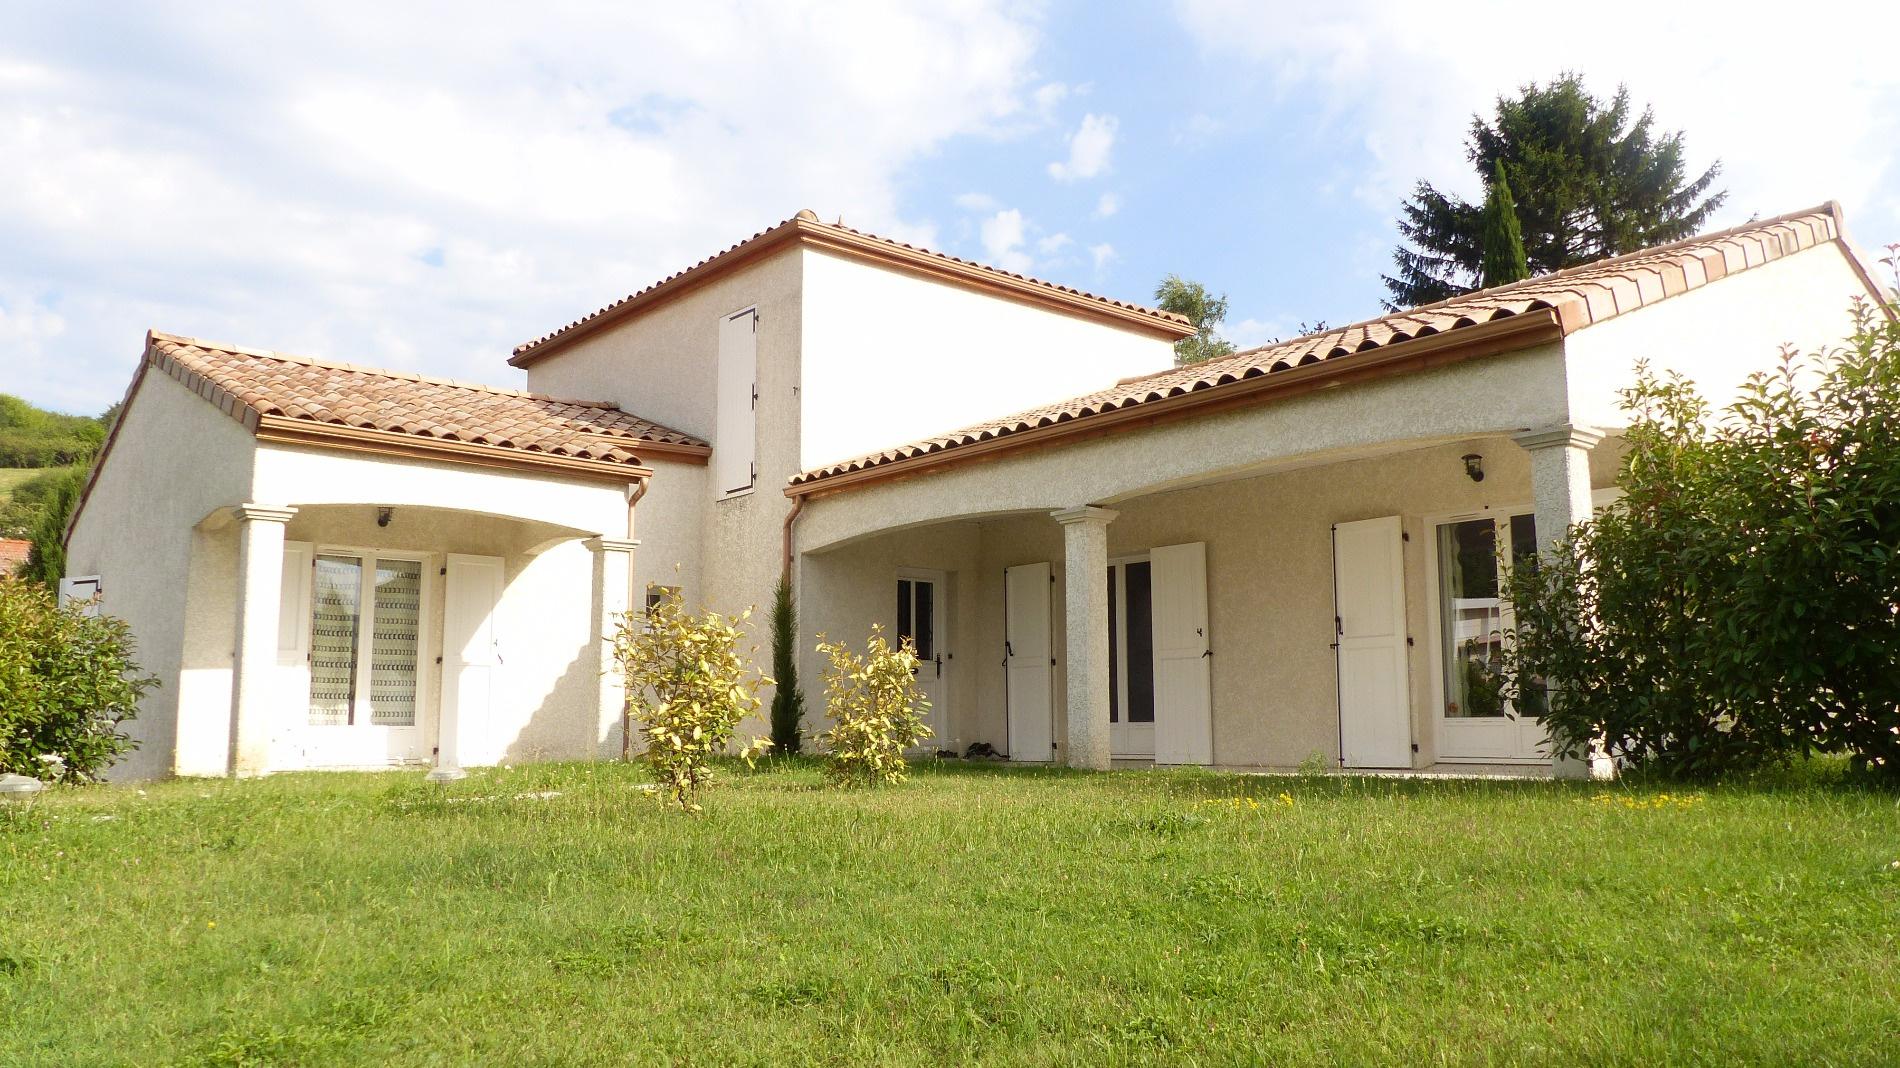 Annonce vente maison saint clair du rh ne 38370 145 m 374 000 992739079962 - Garage bonneton st clair du rhone ...